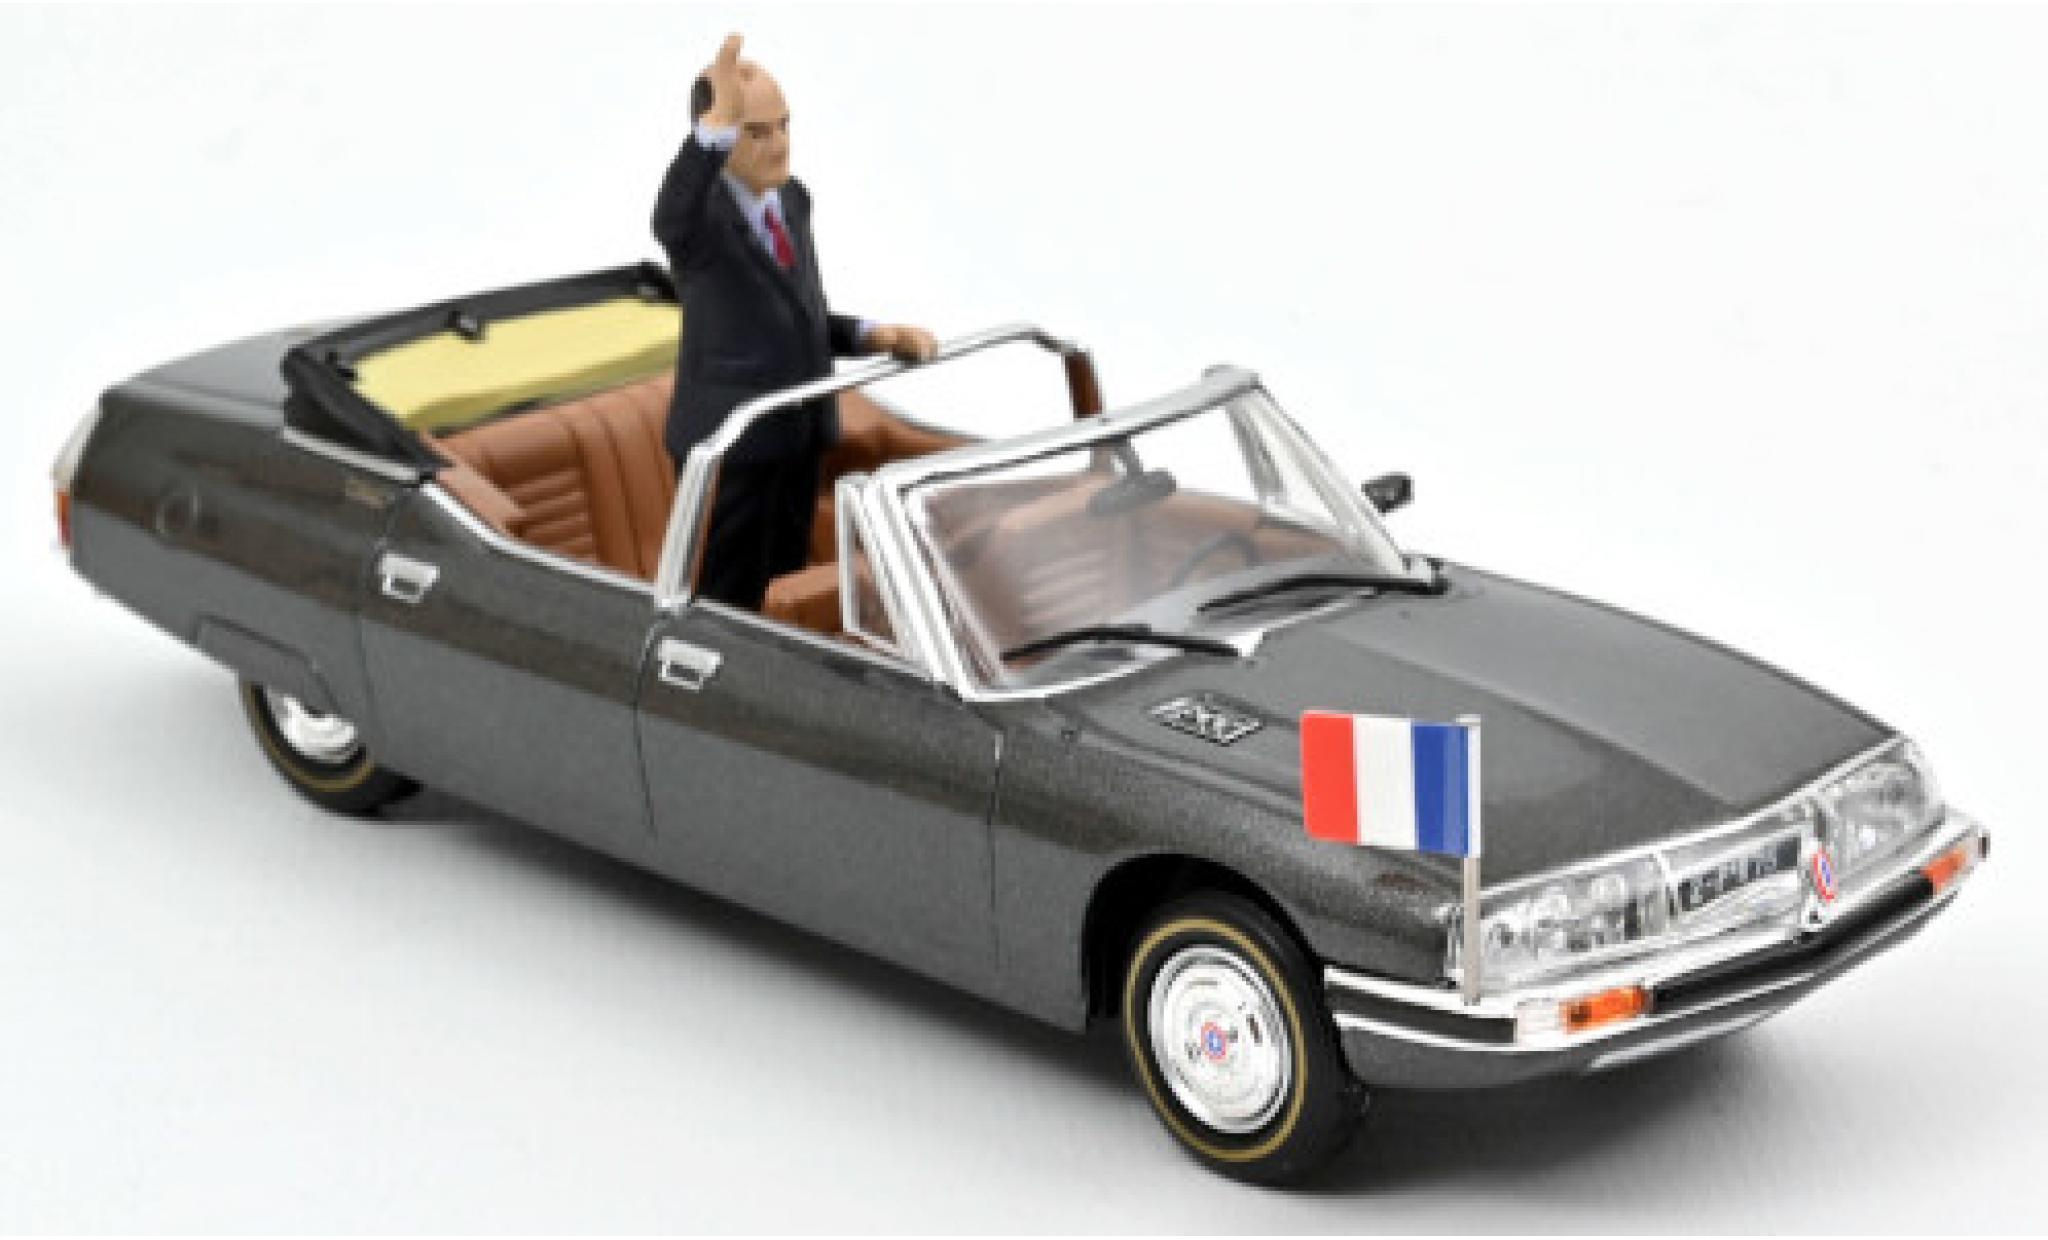 Citroen SM 1/43 Norev Presidentielle metallise grise 1981 avec Figur: Francois Mitterand